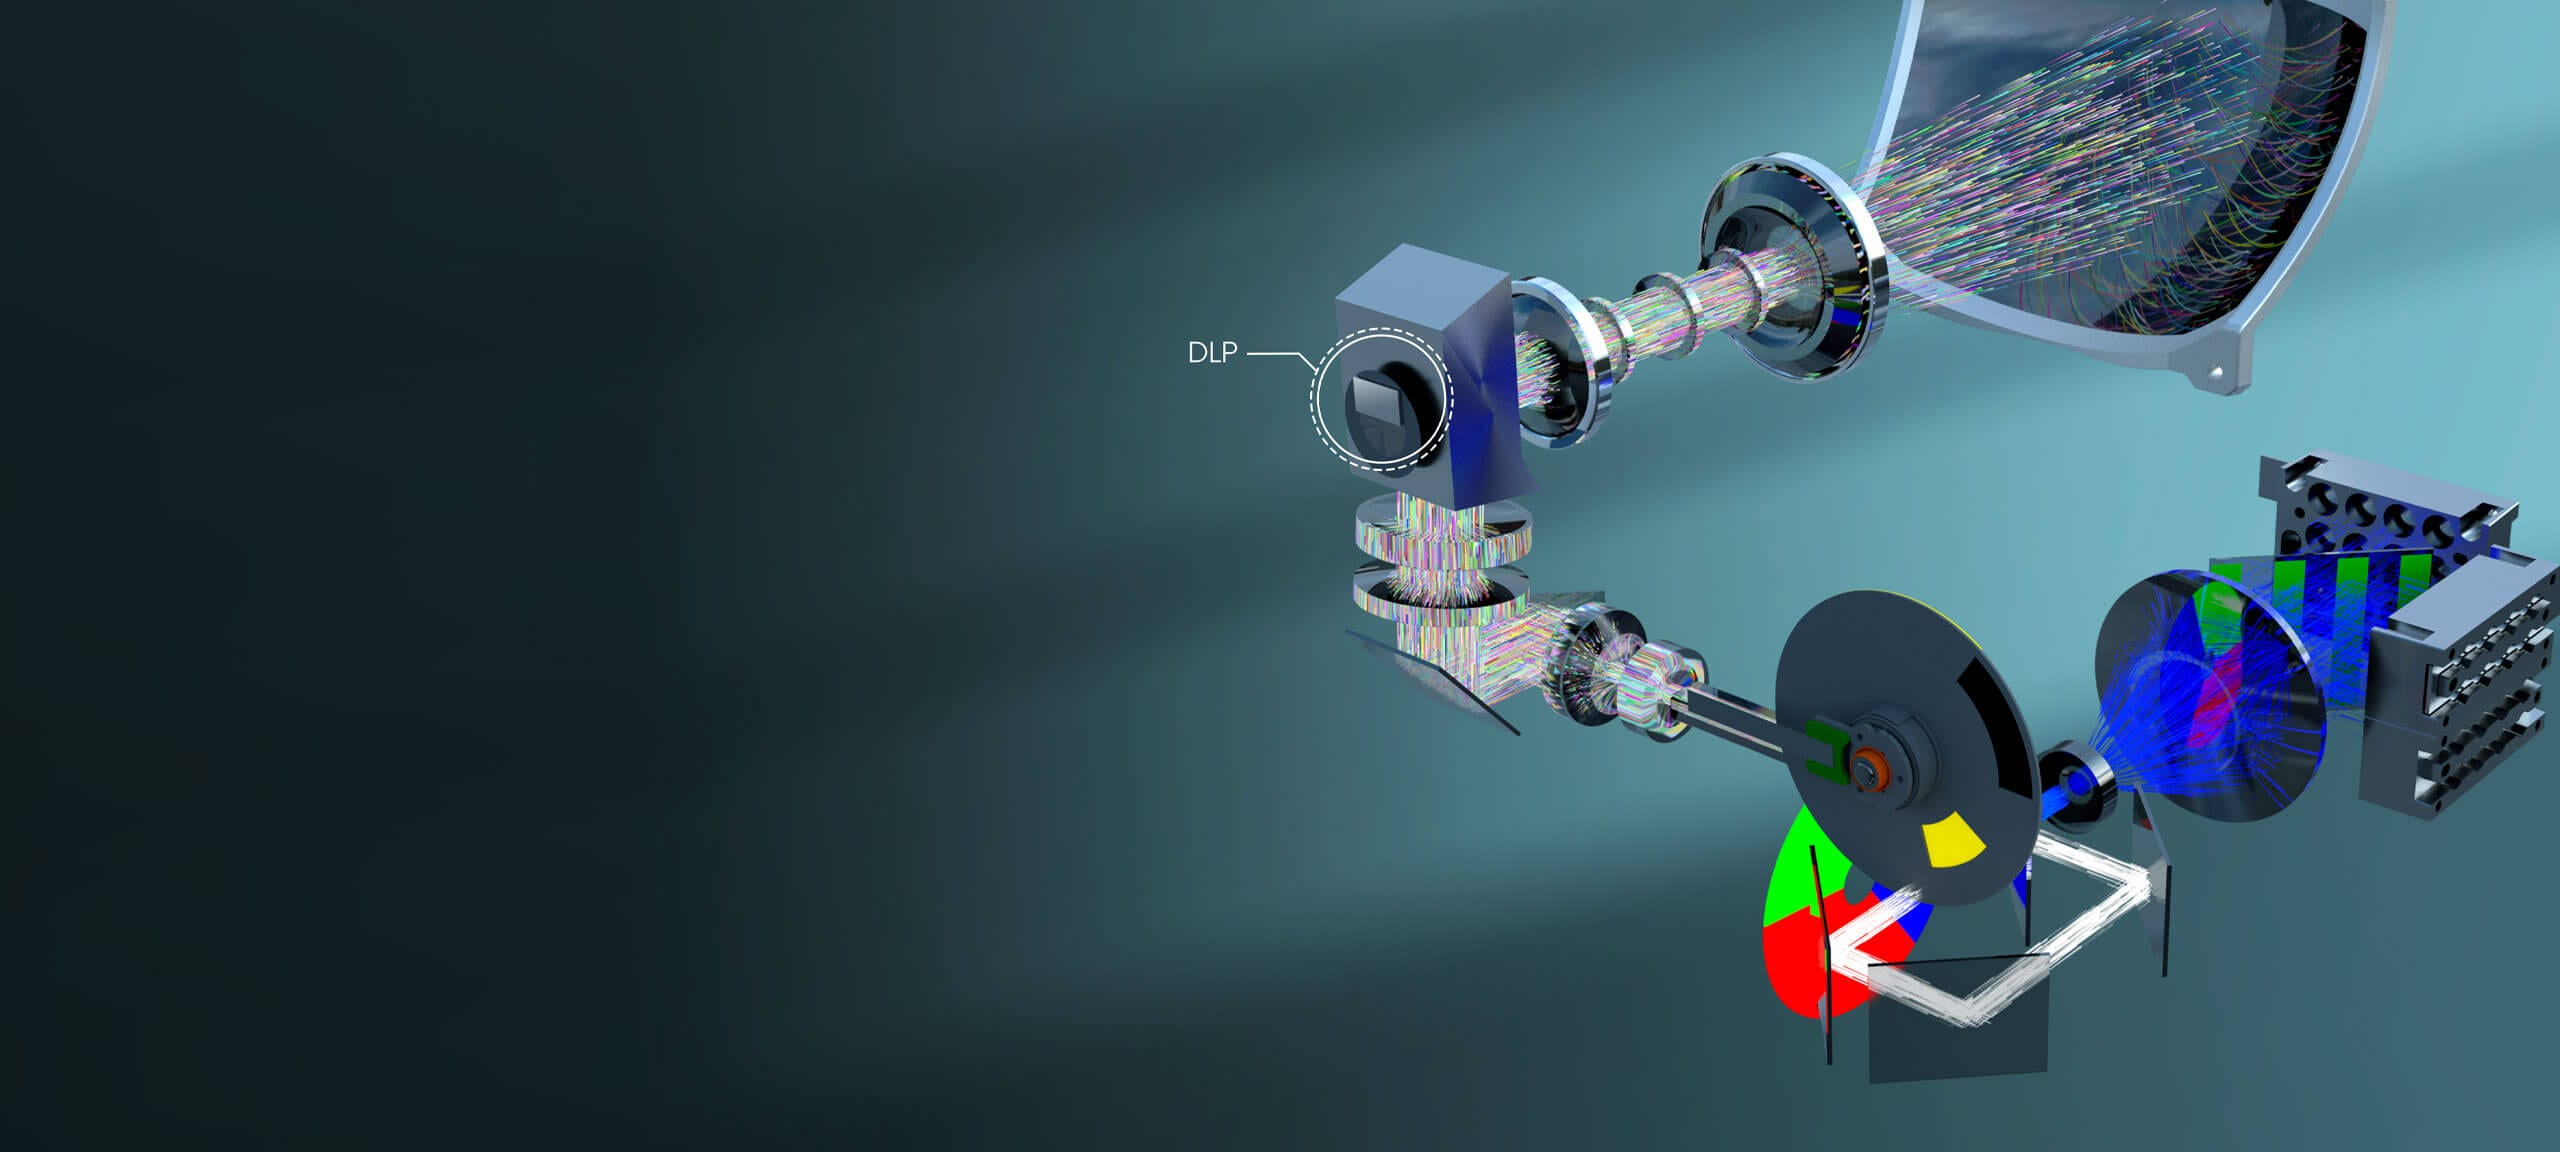 DLP-lasertv